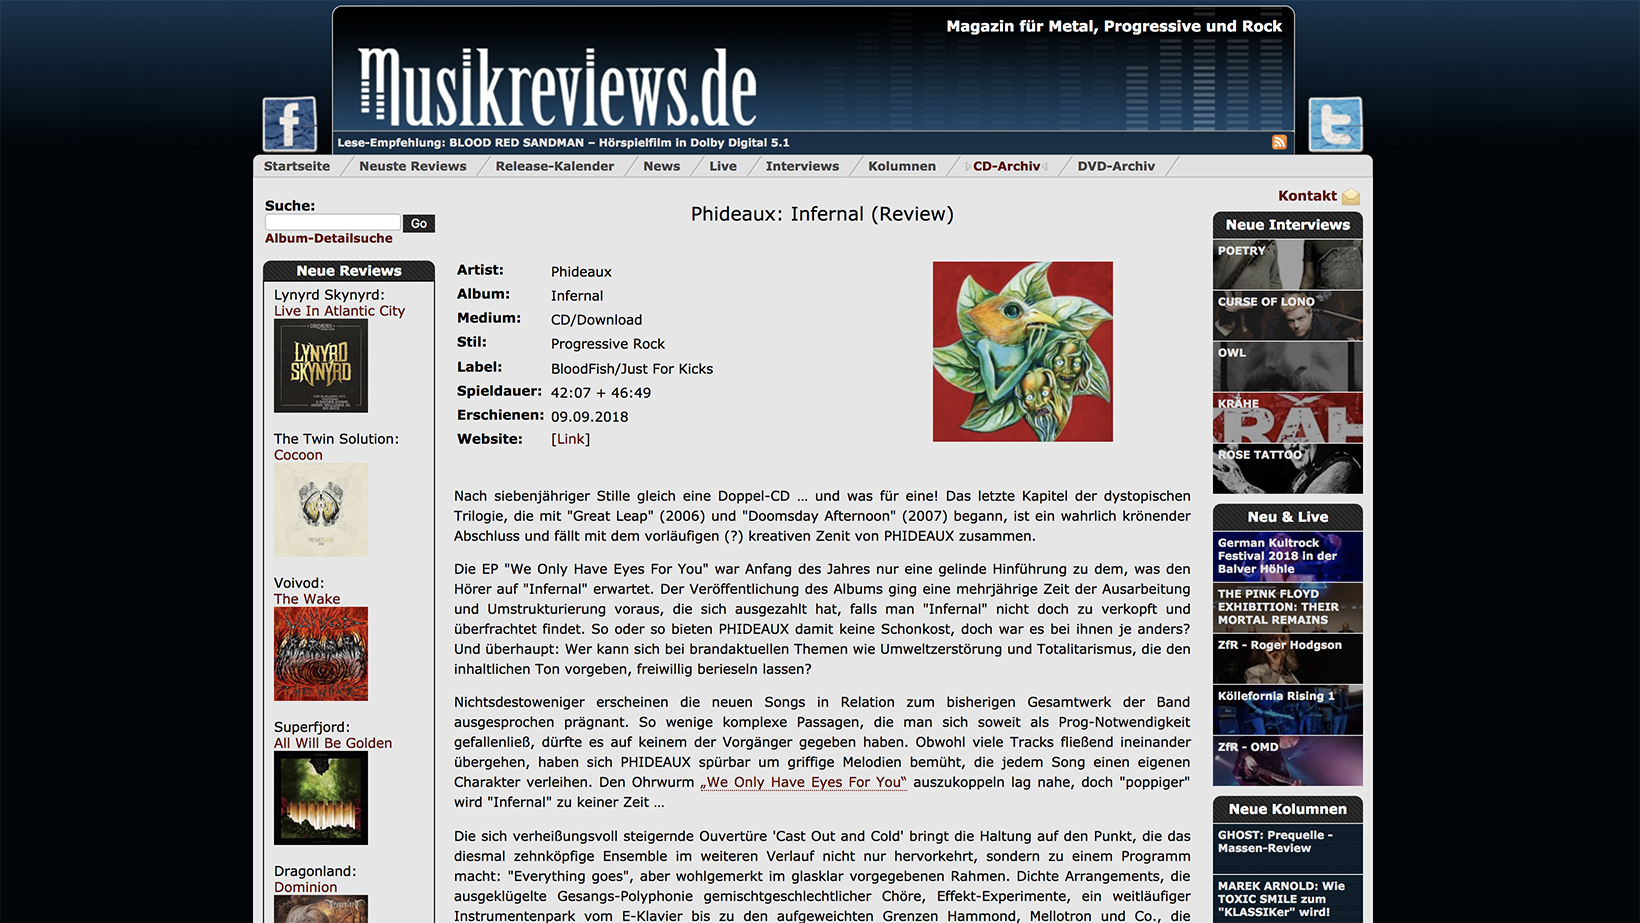 Musikreviews.de